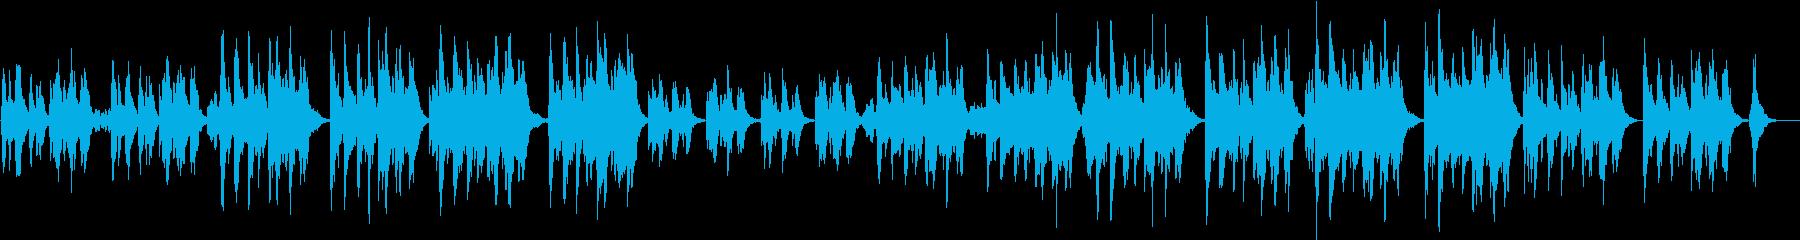 オーケストラ楽器による楽しく軽快なCM曲の再生済みの波形